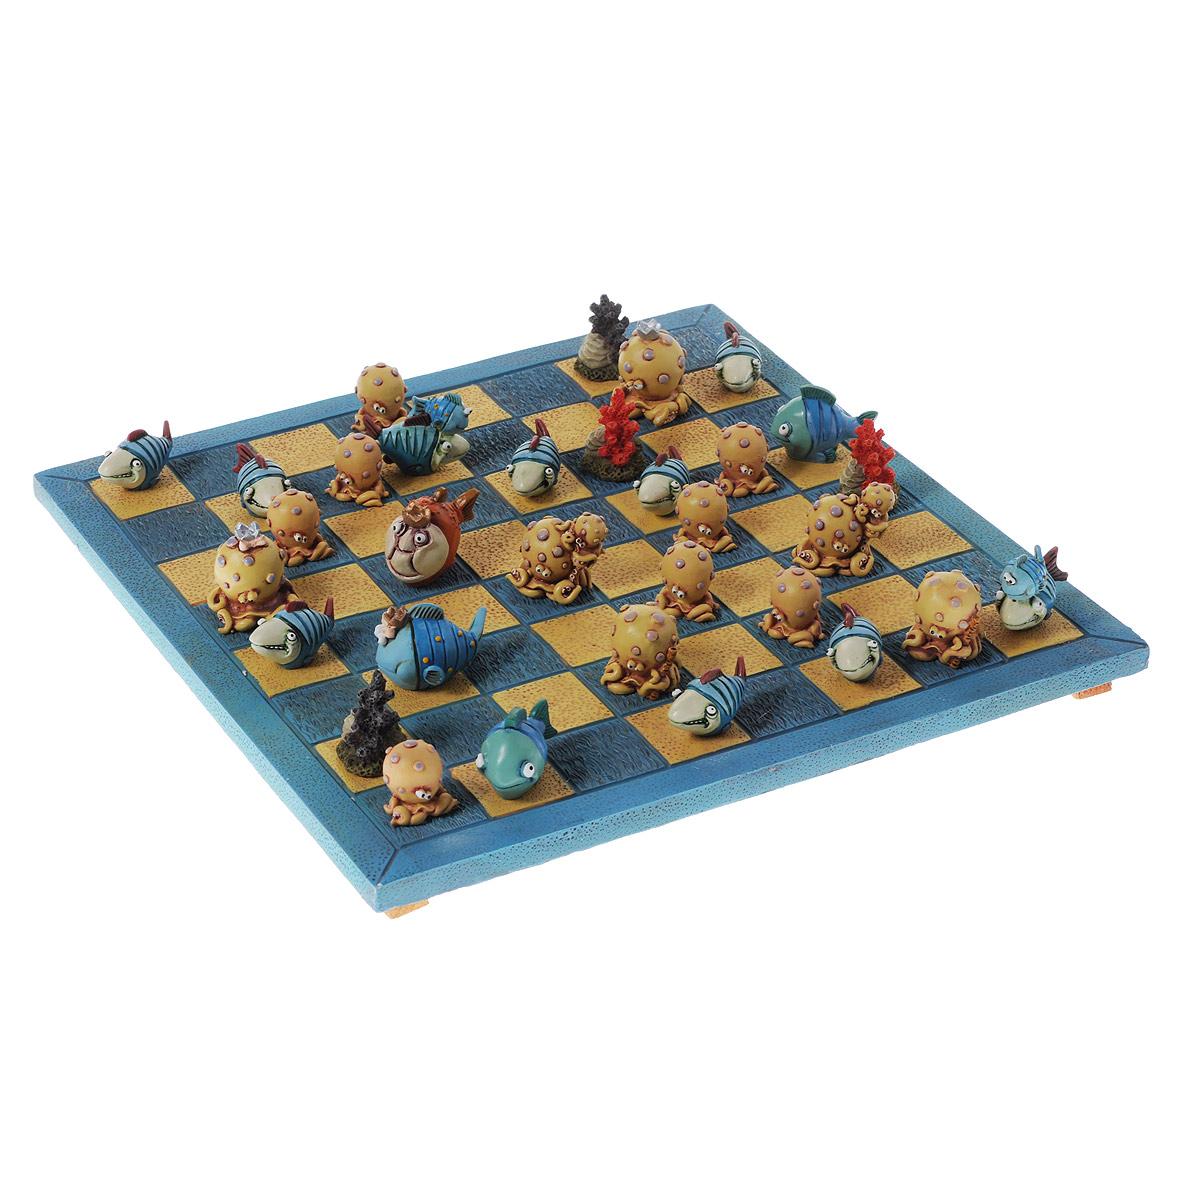 Шахматы Lillo Акулы и осьминоги95394Шахматы Lillo Акулы и осьминоги - это занимательный подарок и украшение интерьера. Шахматы представляют собой игровое поле с фигурками в виде забавных акул, рыбок и осьминогов. Предметы набора выполнены из полистоуна. Шахматы - одна из древнейших игр, изобретенная в Индии три тысячи лет назад. Она позволяла разыгрывать сражения того времени, в которых принимали участие, как простые пешие воины, так и кавалерия, и боевые слоны.